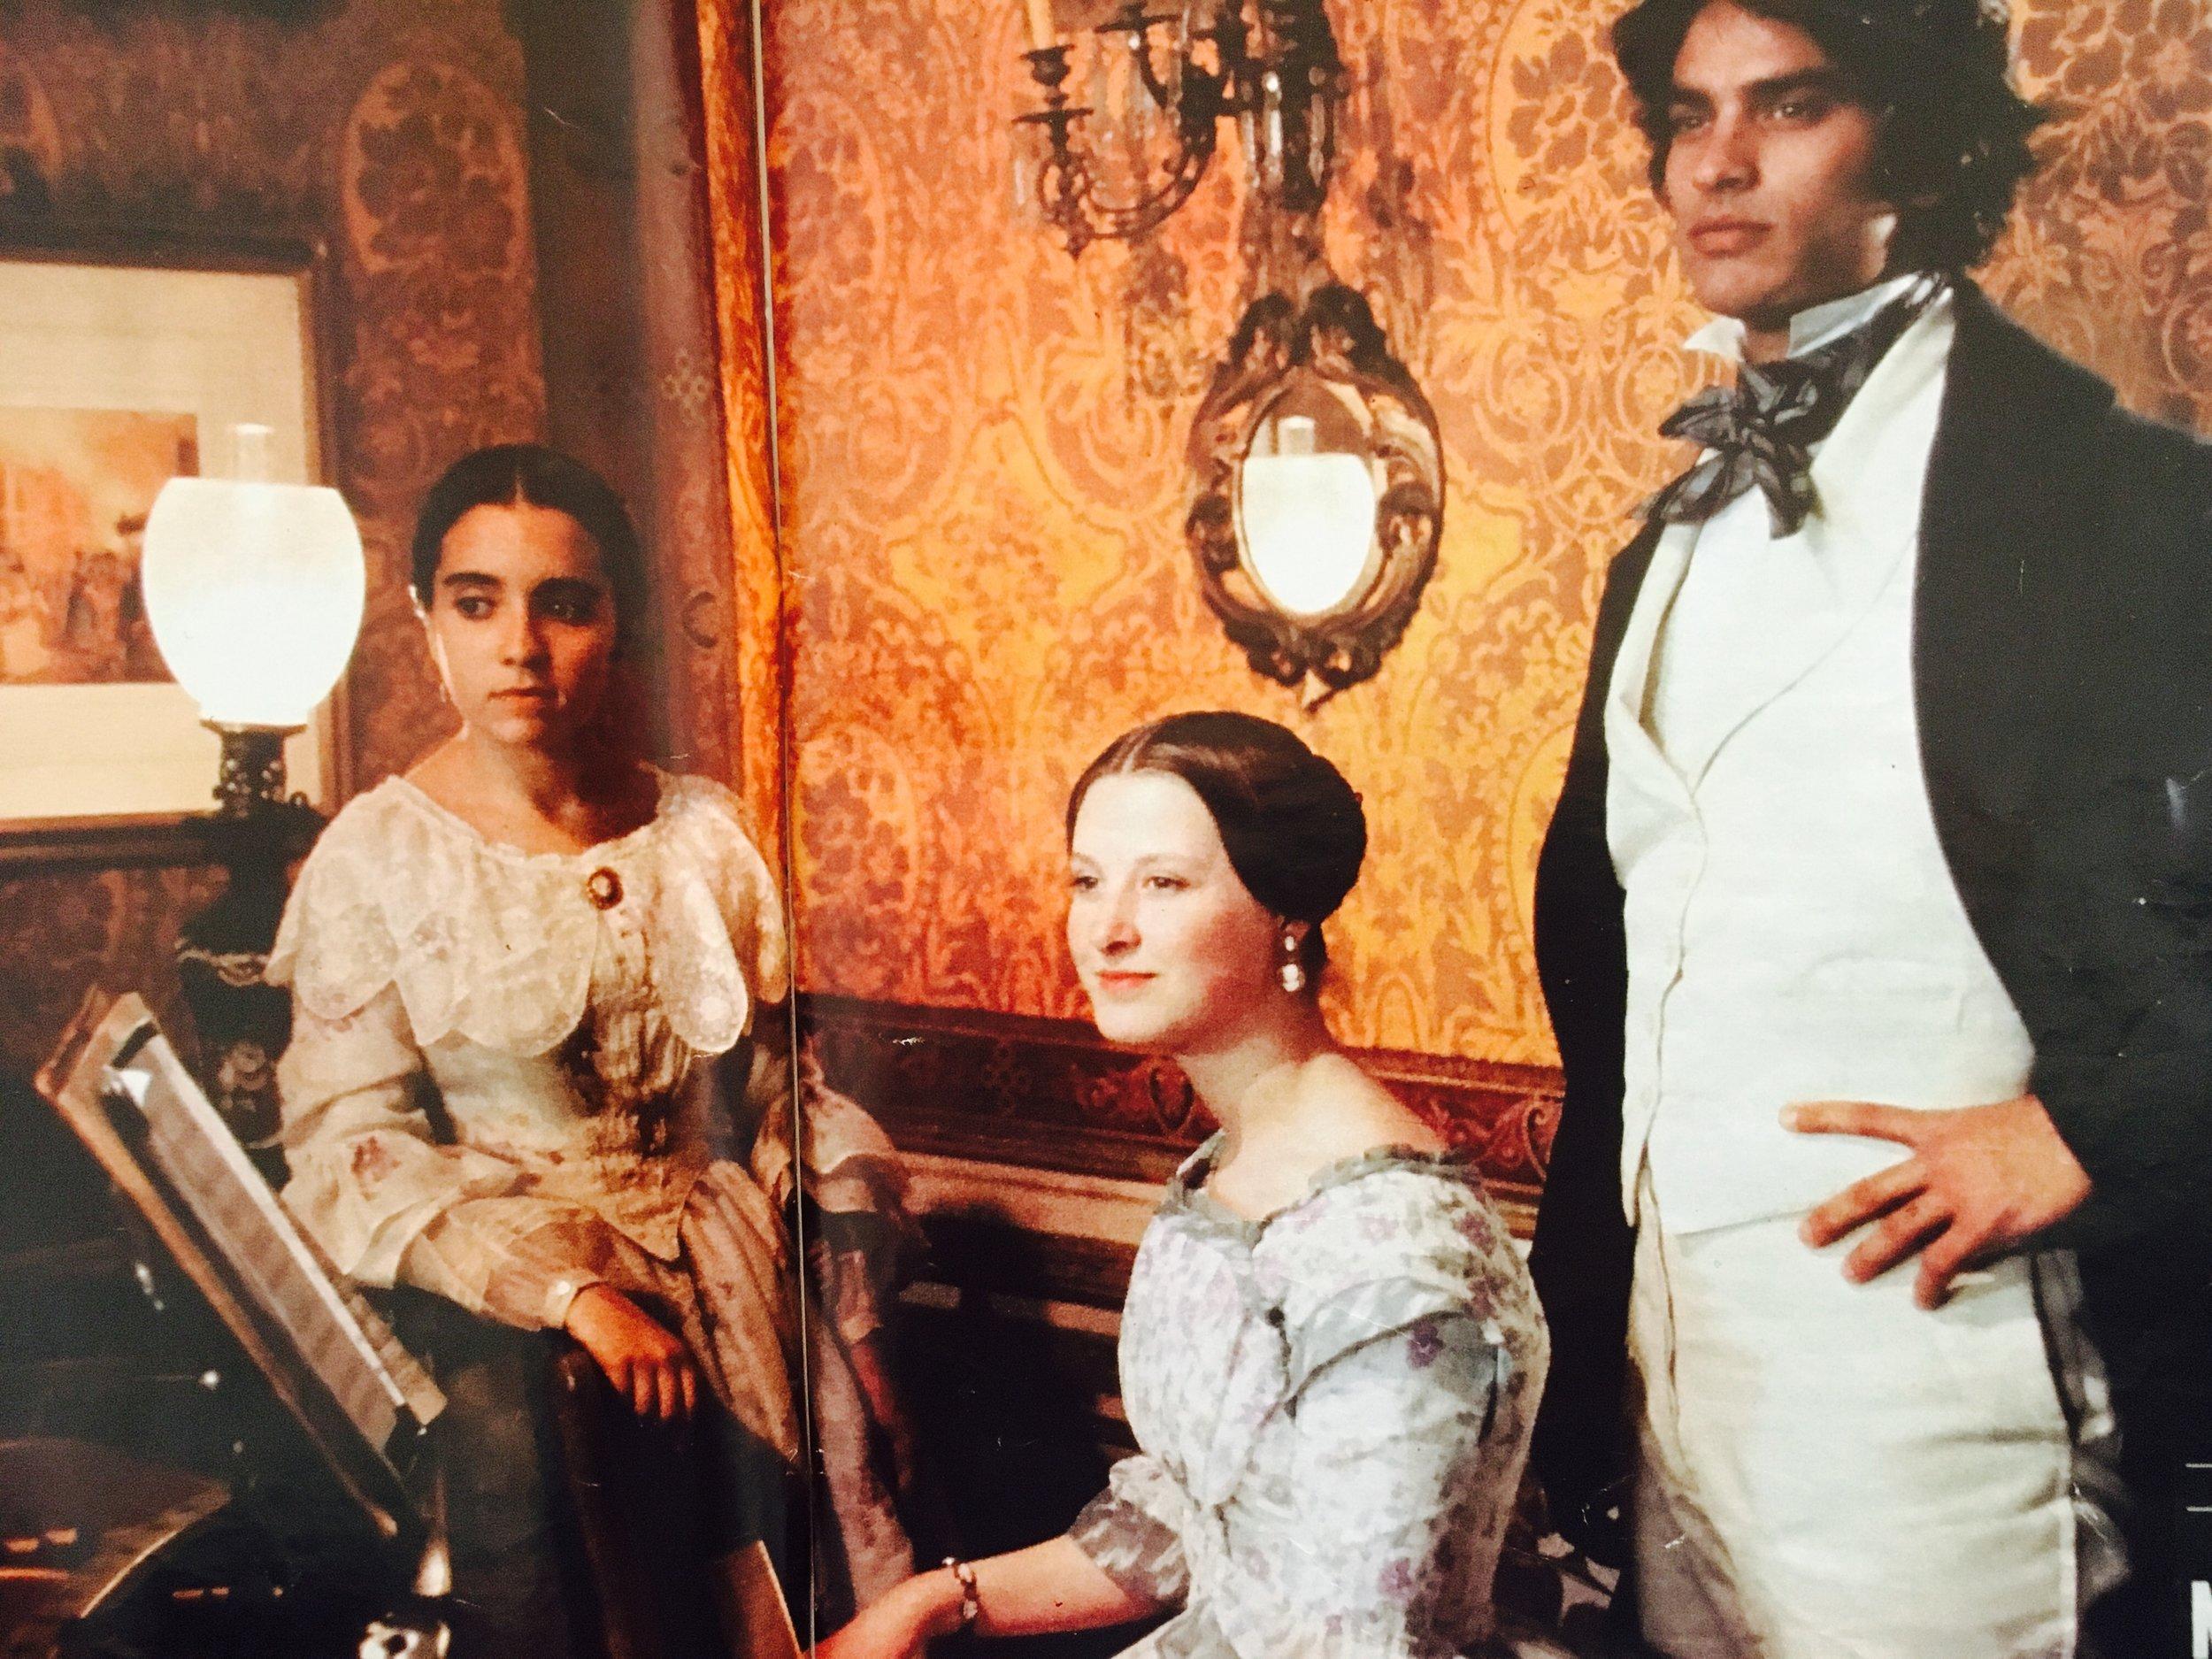 On the set of Sparrow, Franco Zeffirelli